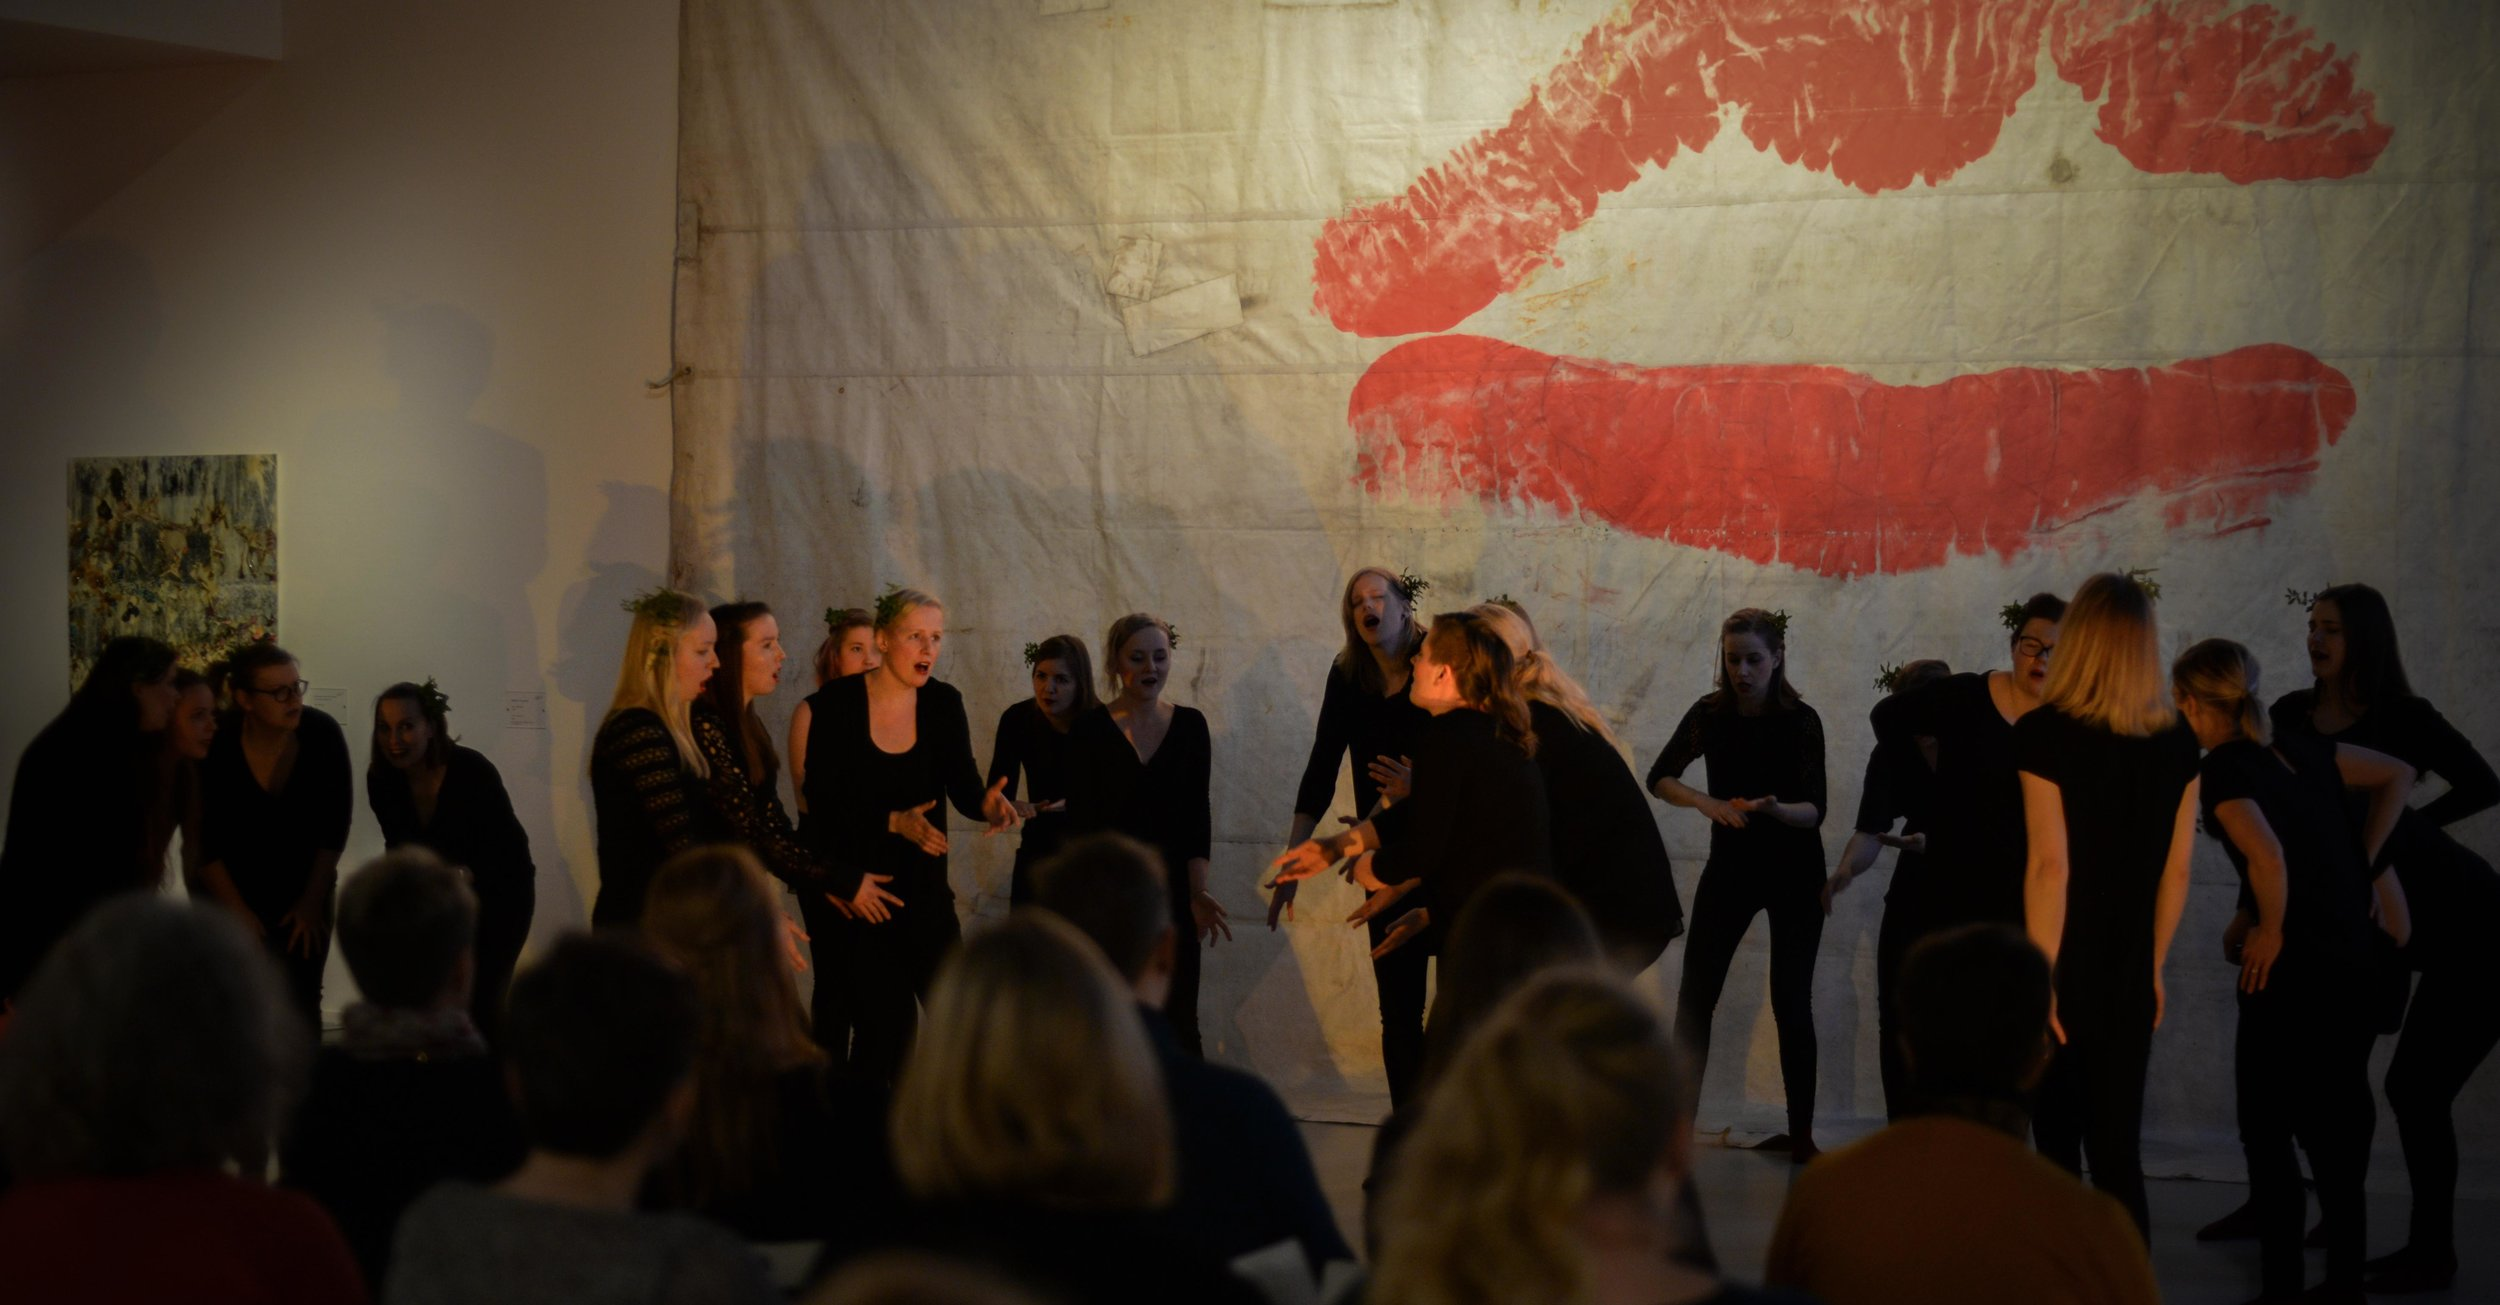 Eevan ohjaaman improvisaatioteoksen ensiesitys oli Vantaan taidemuseossa Artsissa joulukuussa.